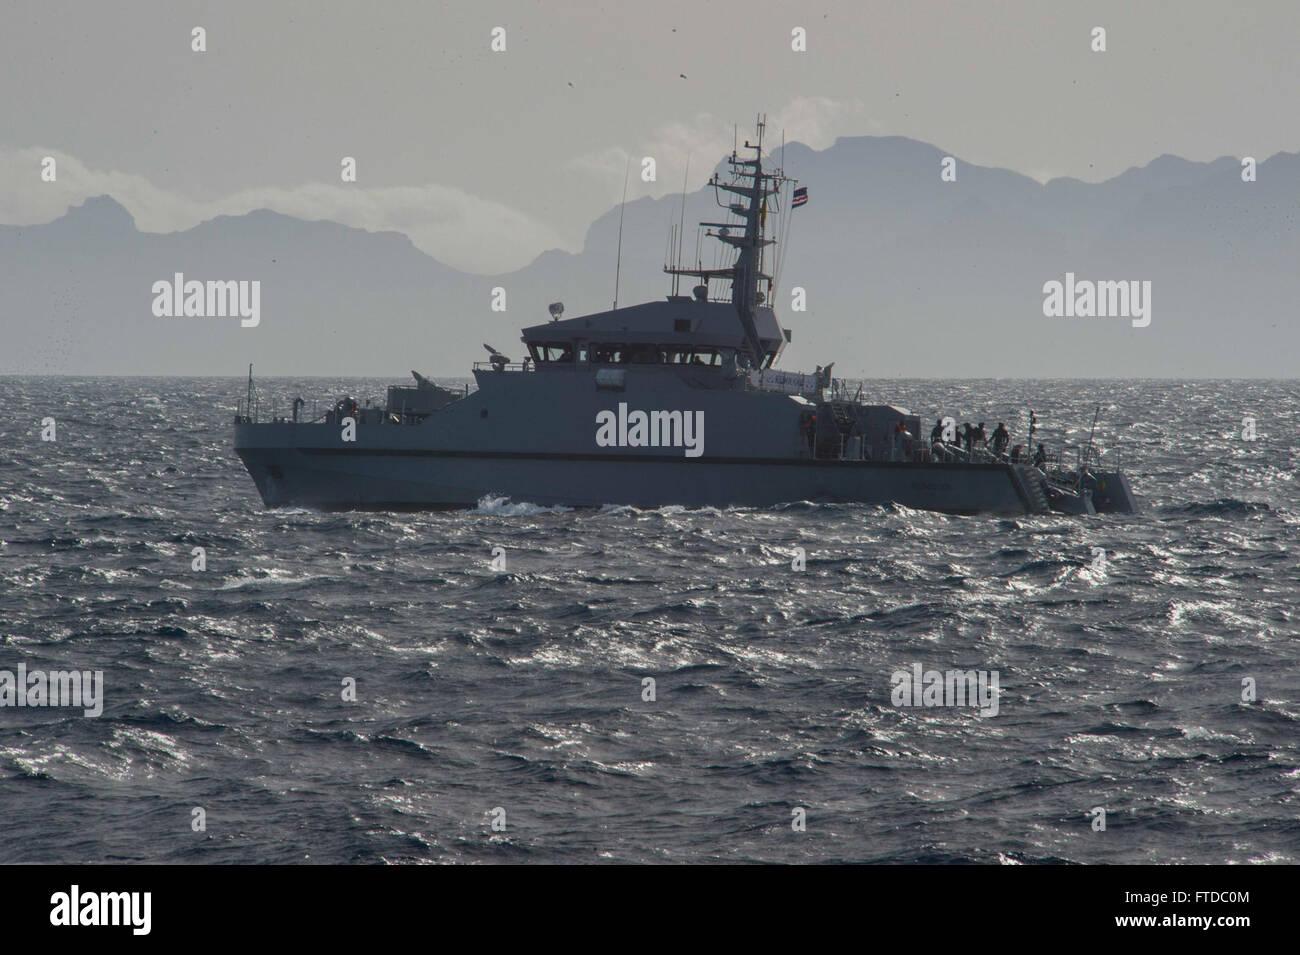 150425-N-TC720-006 ATLANTIC OCEAN (April 25, 2015) The Senegalese navy offshore patrol vessel Kedougou (OPV 45) - Stock Image